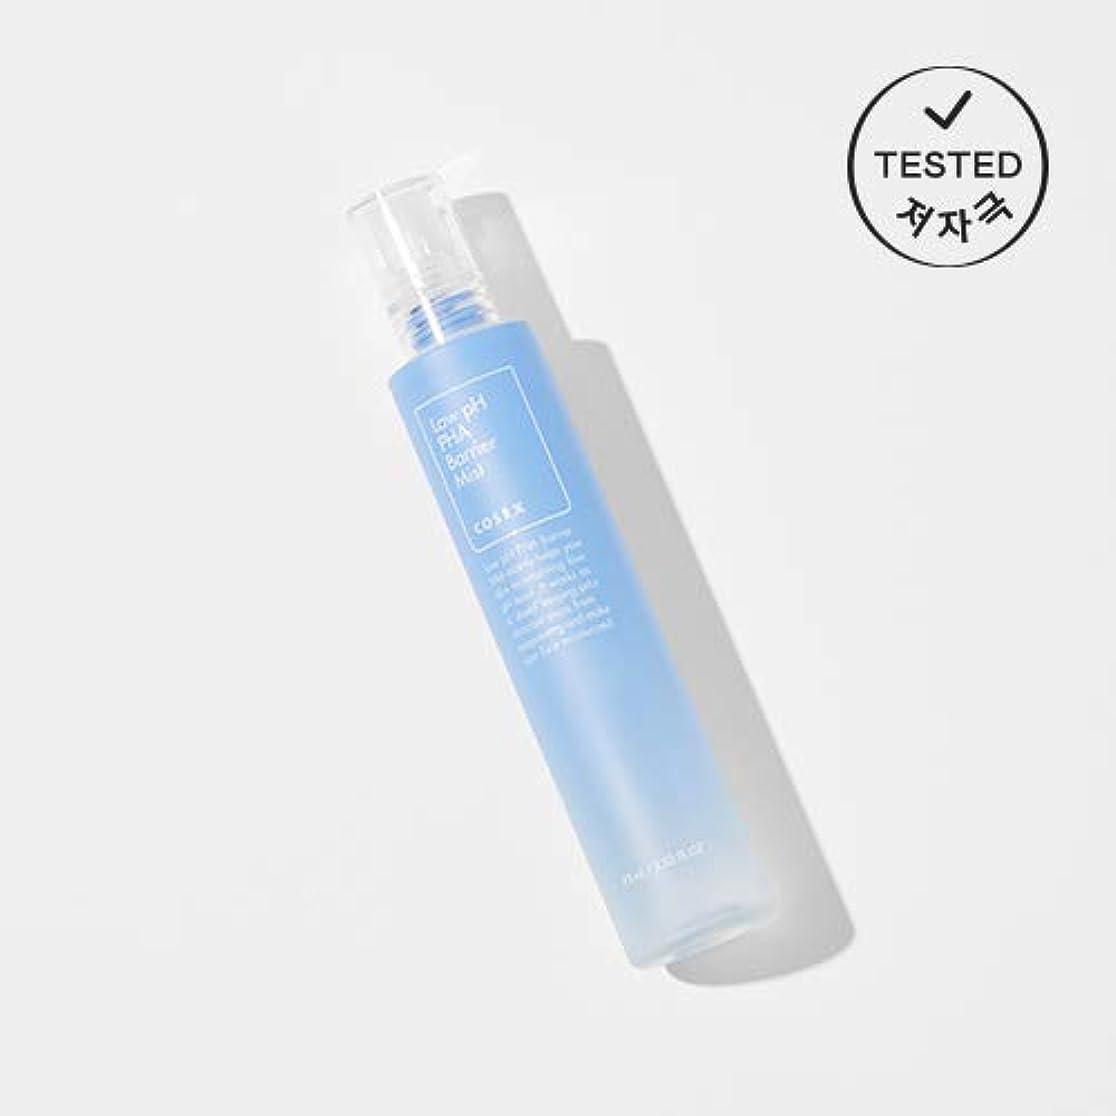 合意パッケージ乳COSRX 弱酸性 PHA バリア ミスト / Low pH PHA Barrier Mist (75ml)